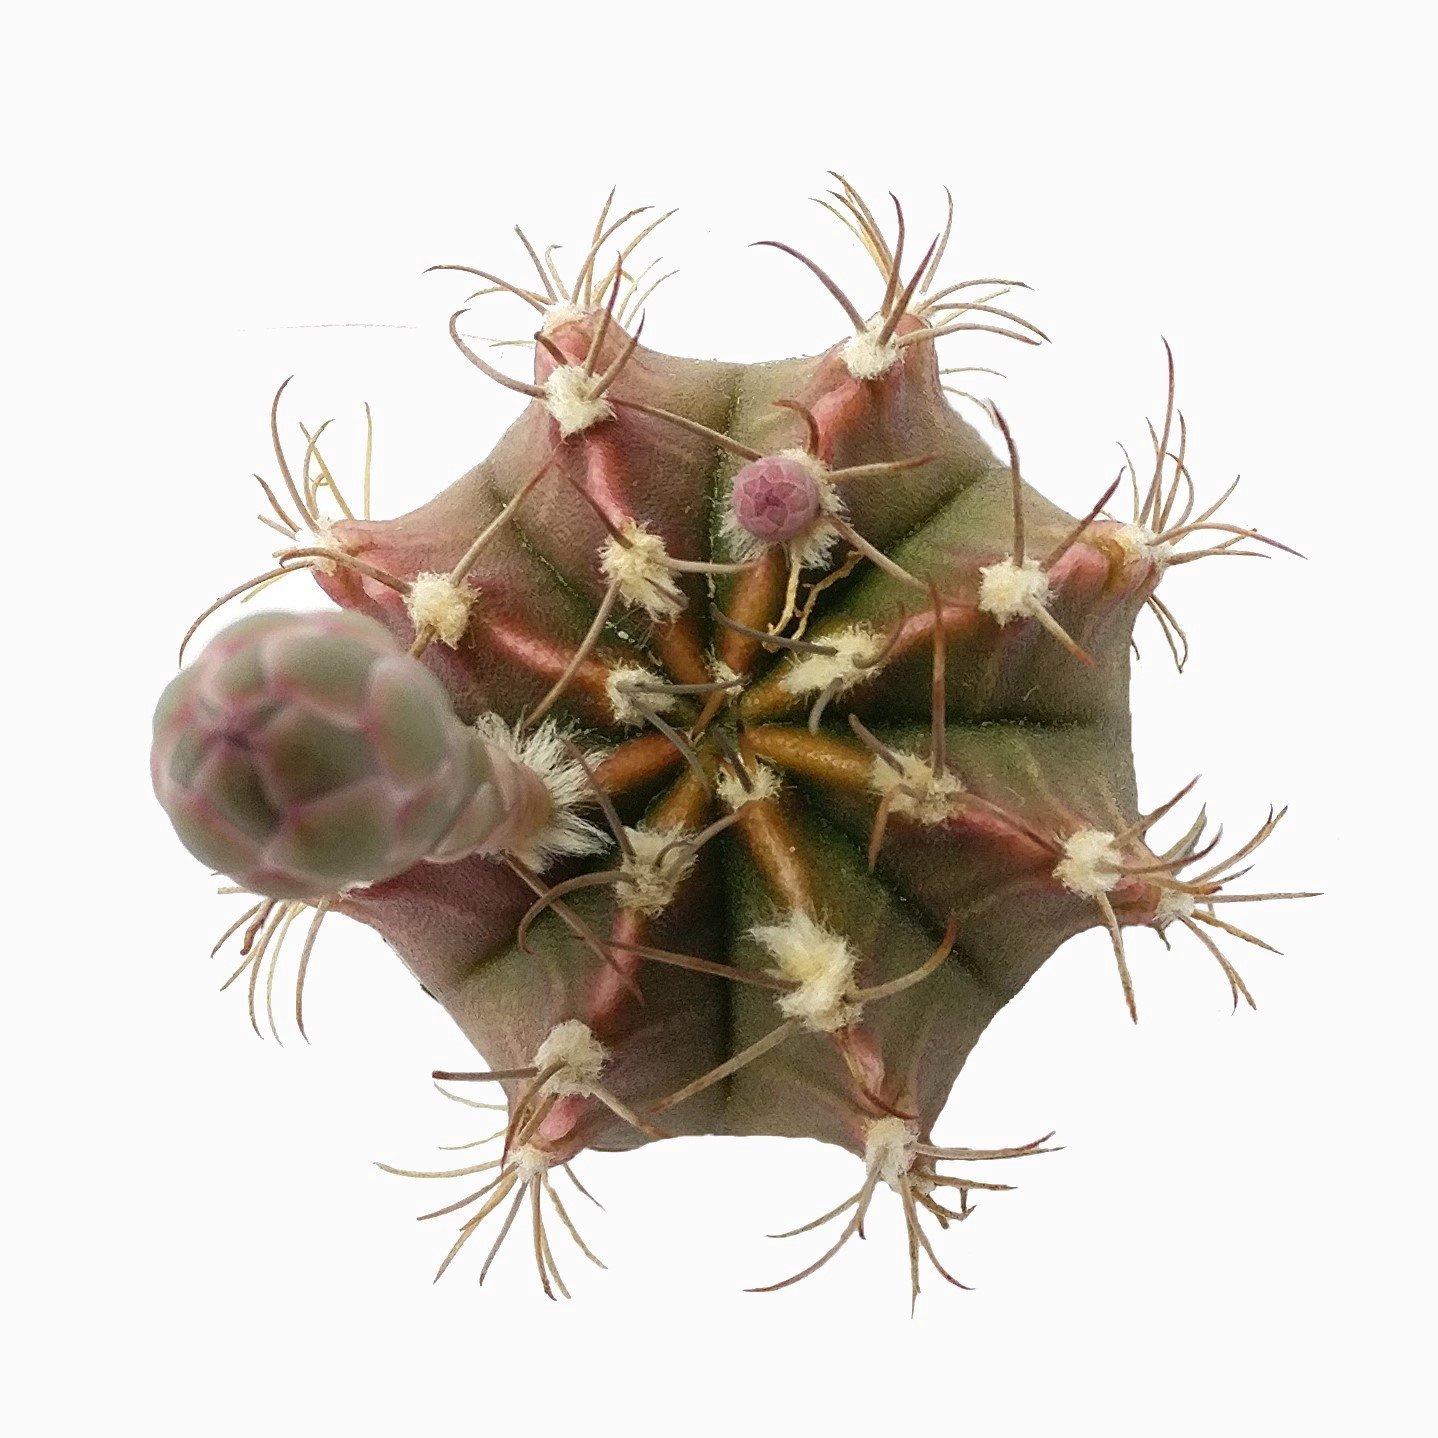 Britton & Rose Gymnocalycium mihanovichii Cactus (2 inch)